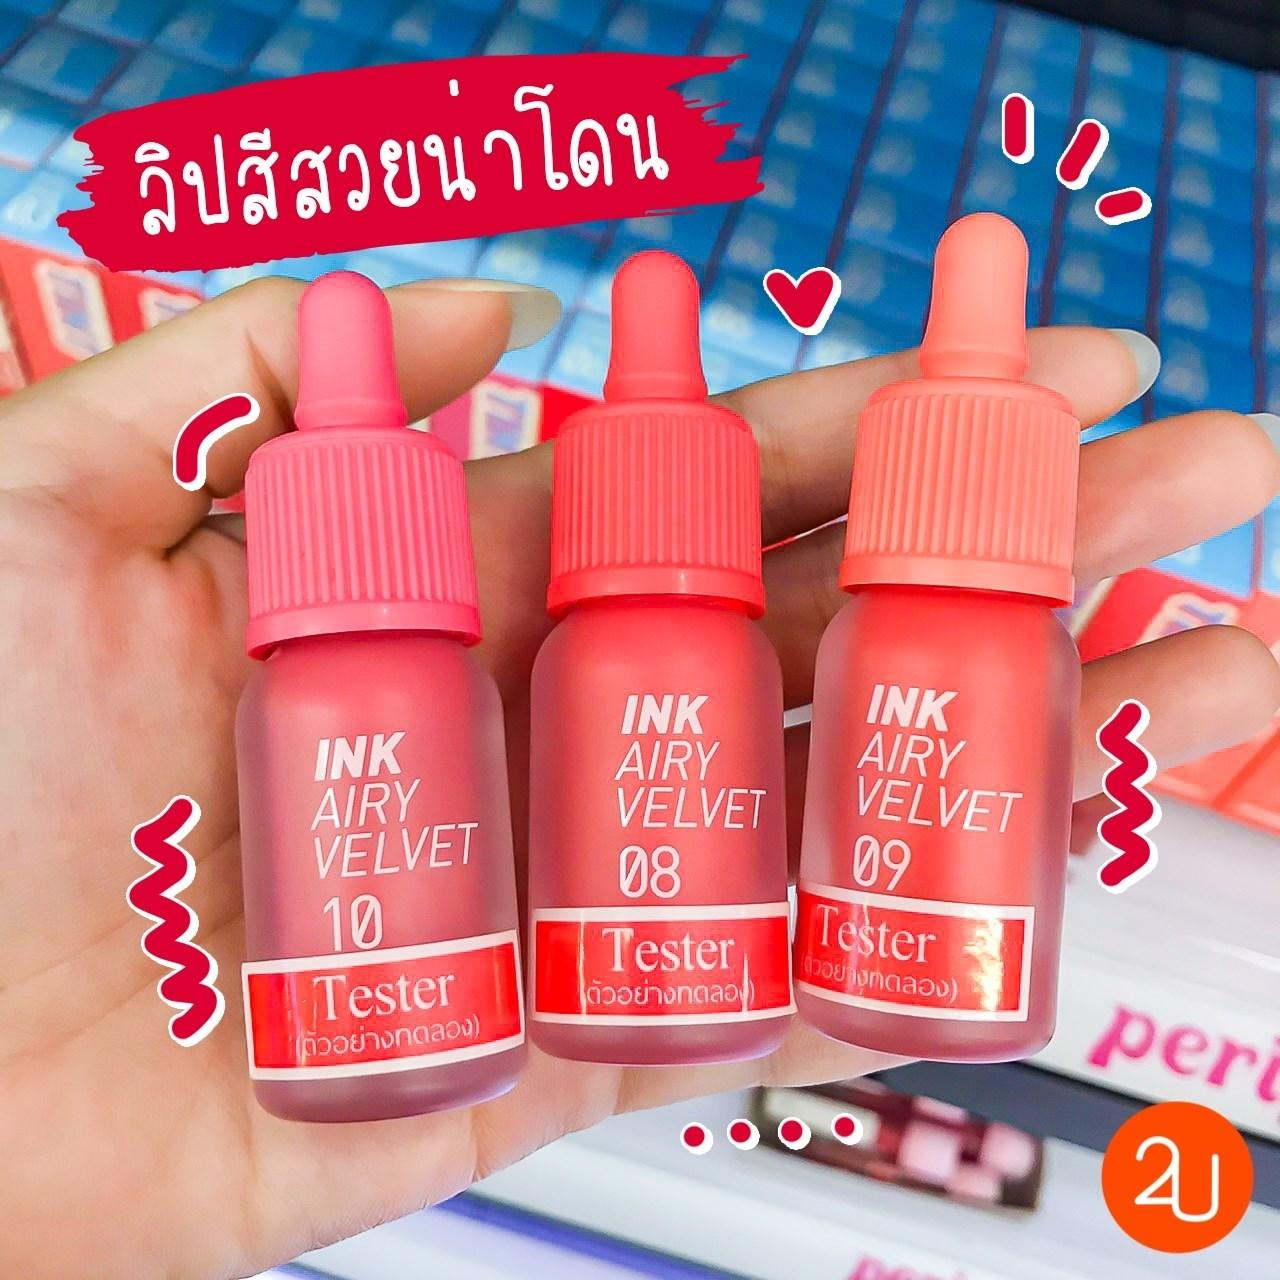 Ink Airy Velvet